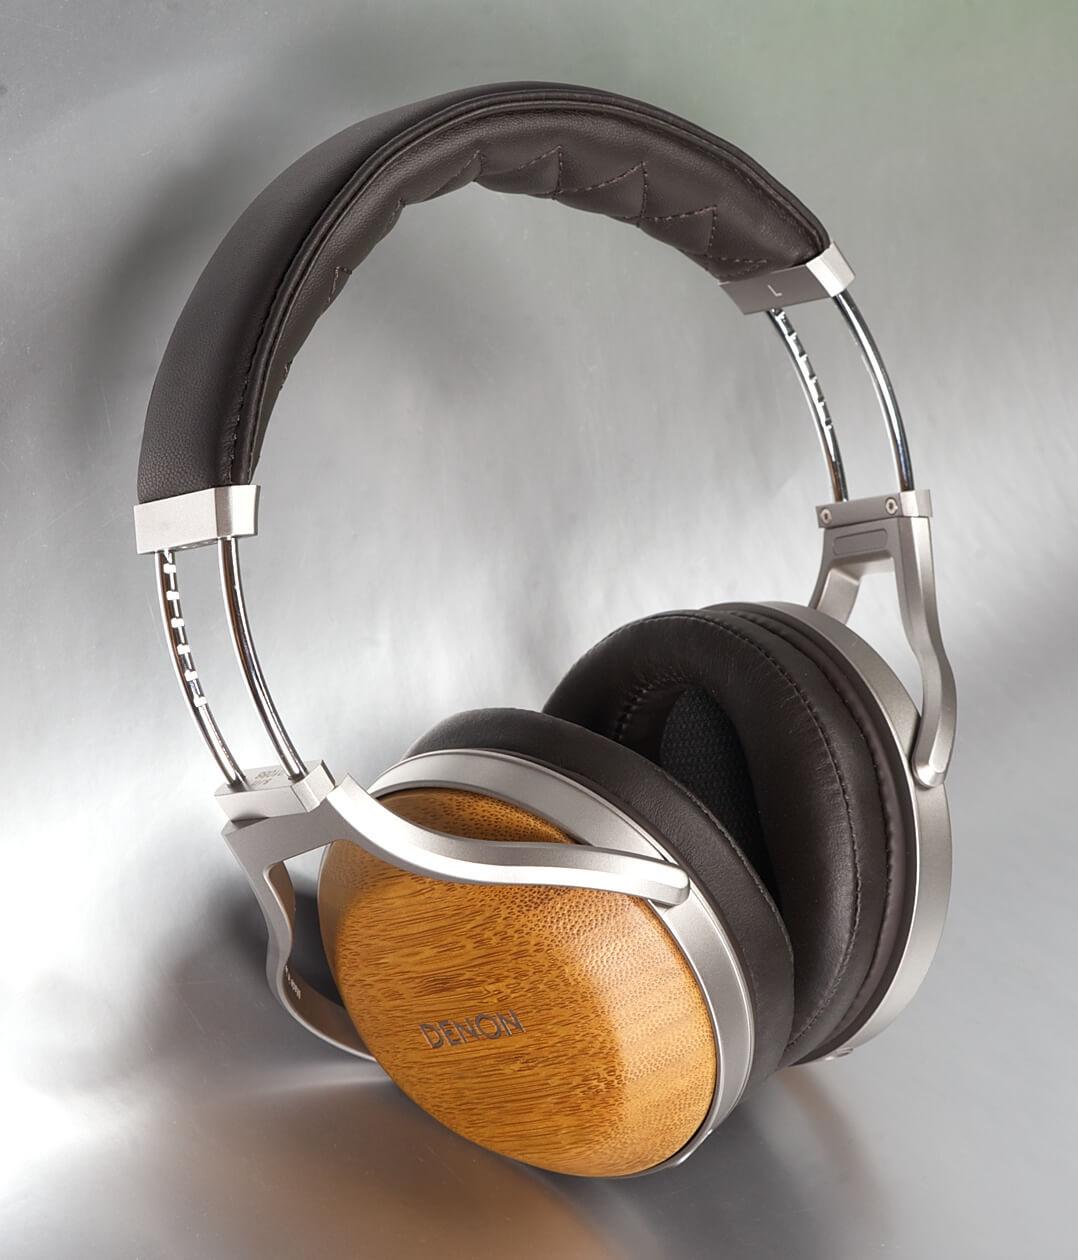 Denon AH-D9200 Kopfhörer komplett stehend